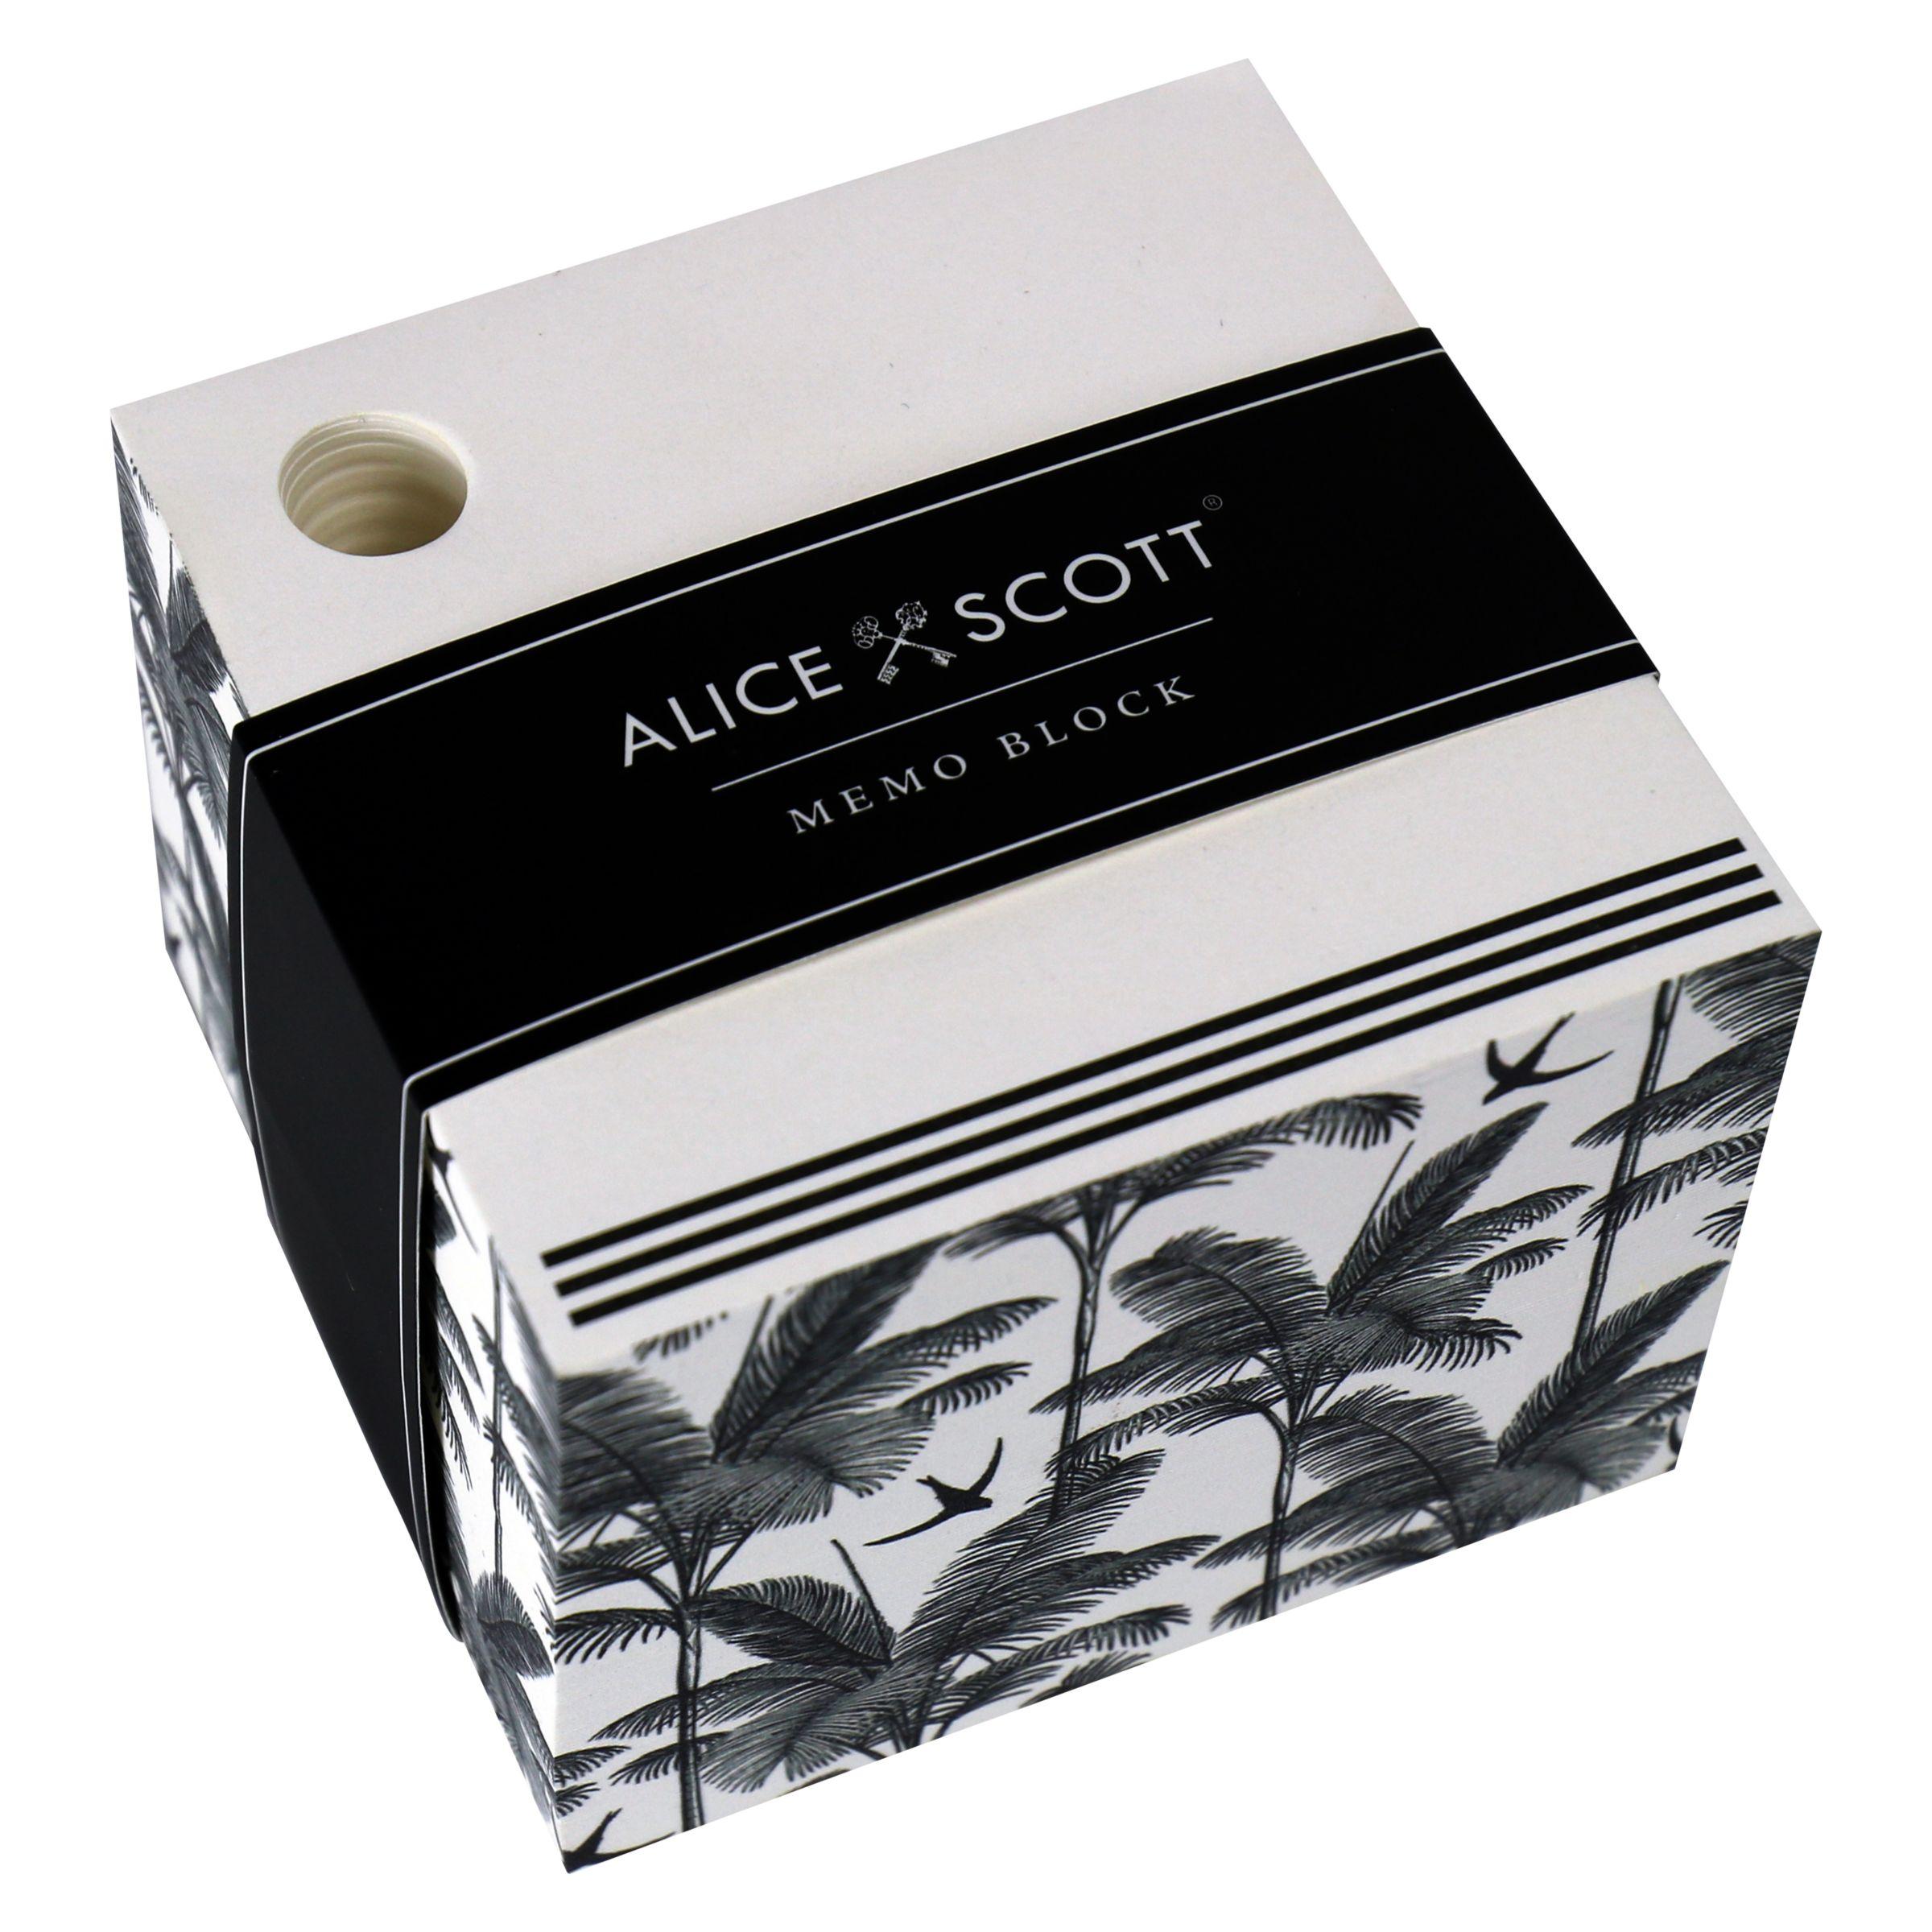 Alice Scott Alice Scott Memo Block